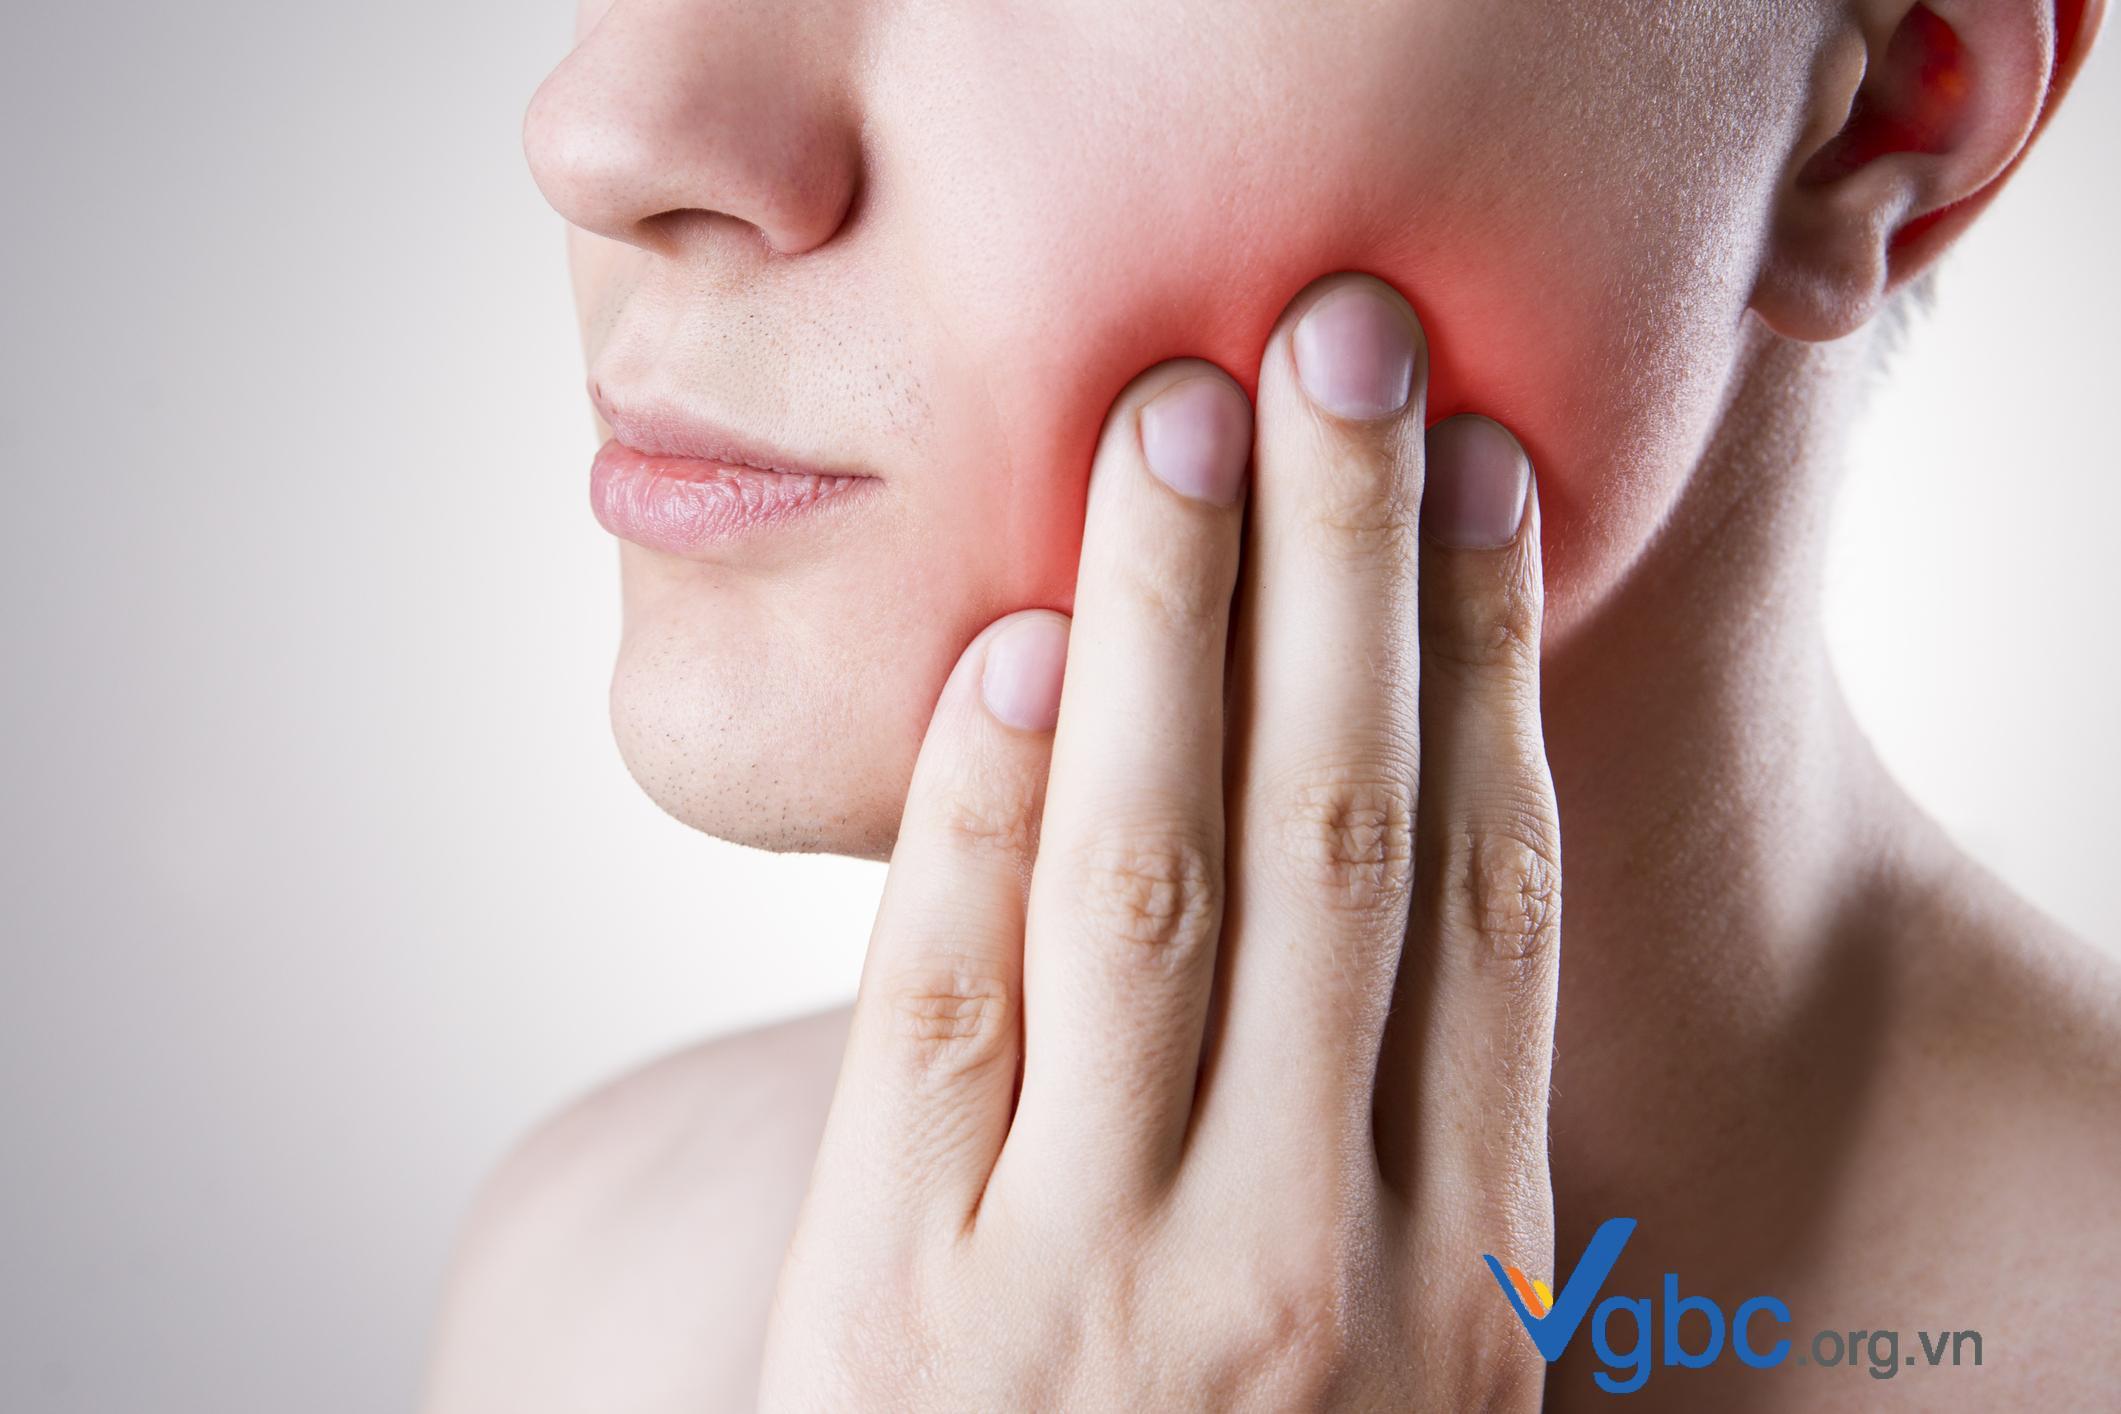 Thuốc đau răng rodogyl uống như thế nào